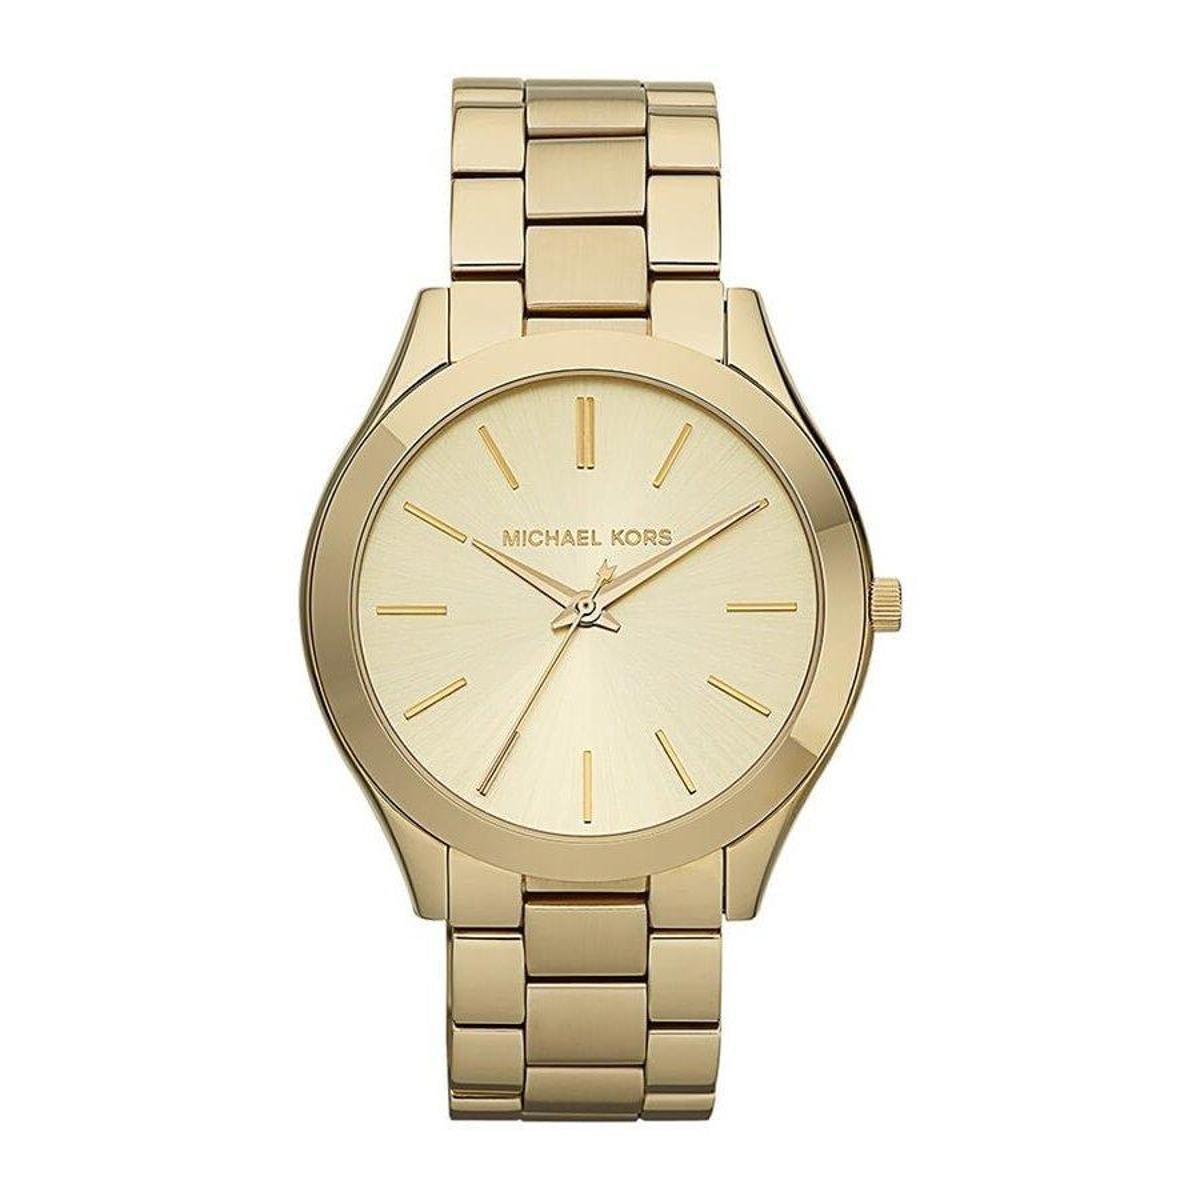 06a16769a43 Relógio Feminino Michael Kors MK3179 4DN - Dourado - Compre Agora ...